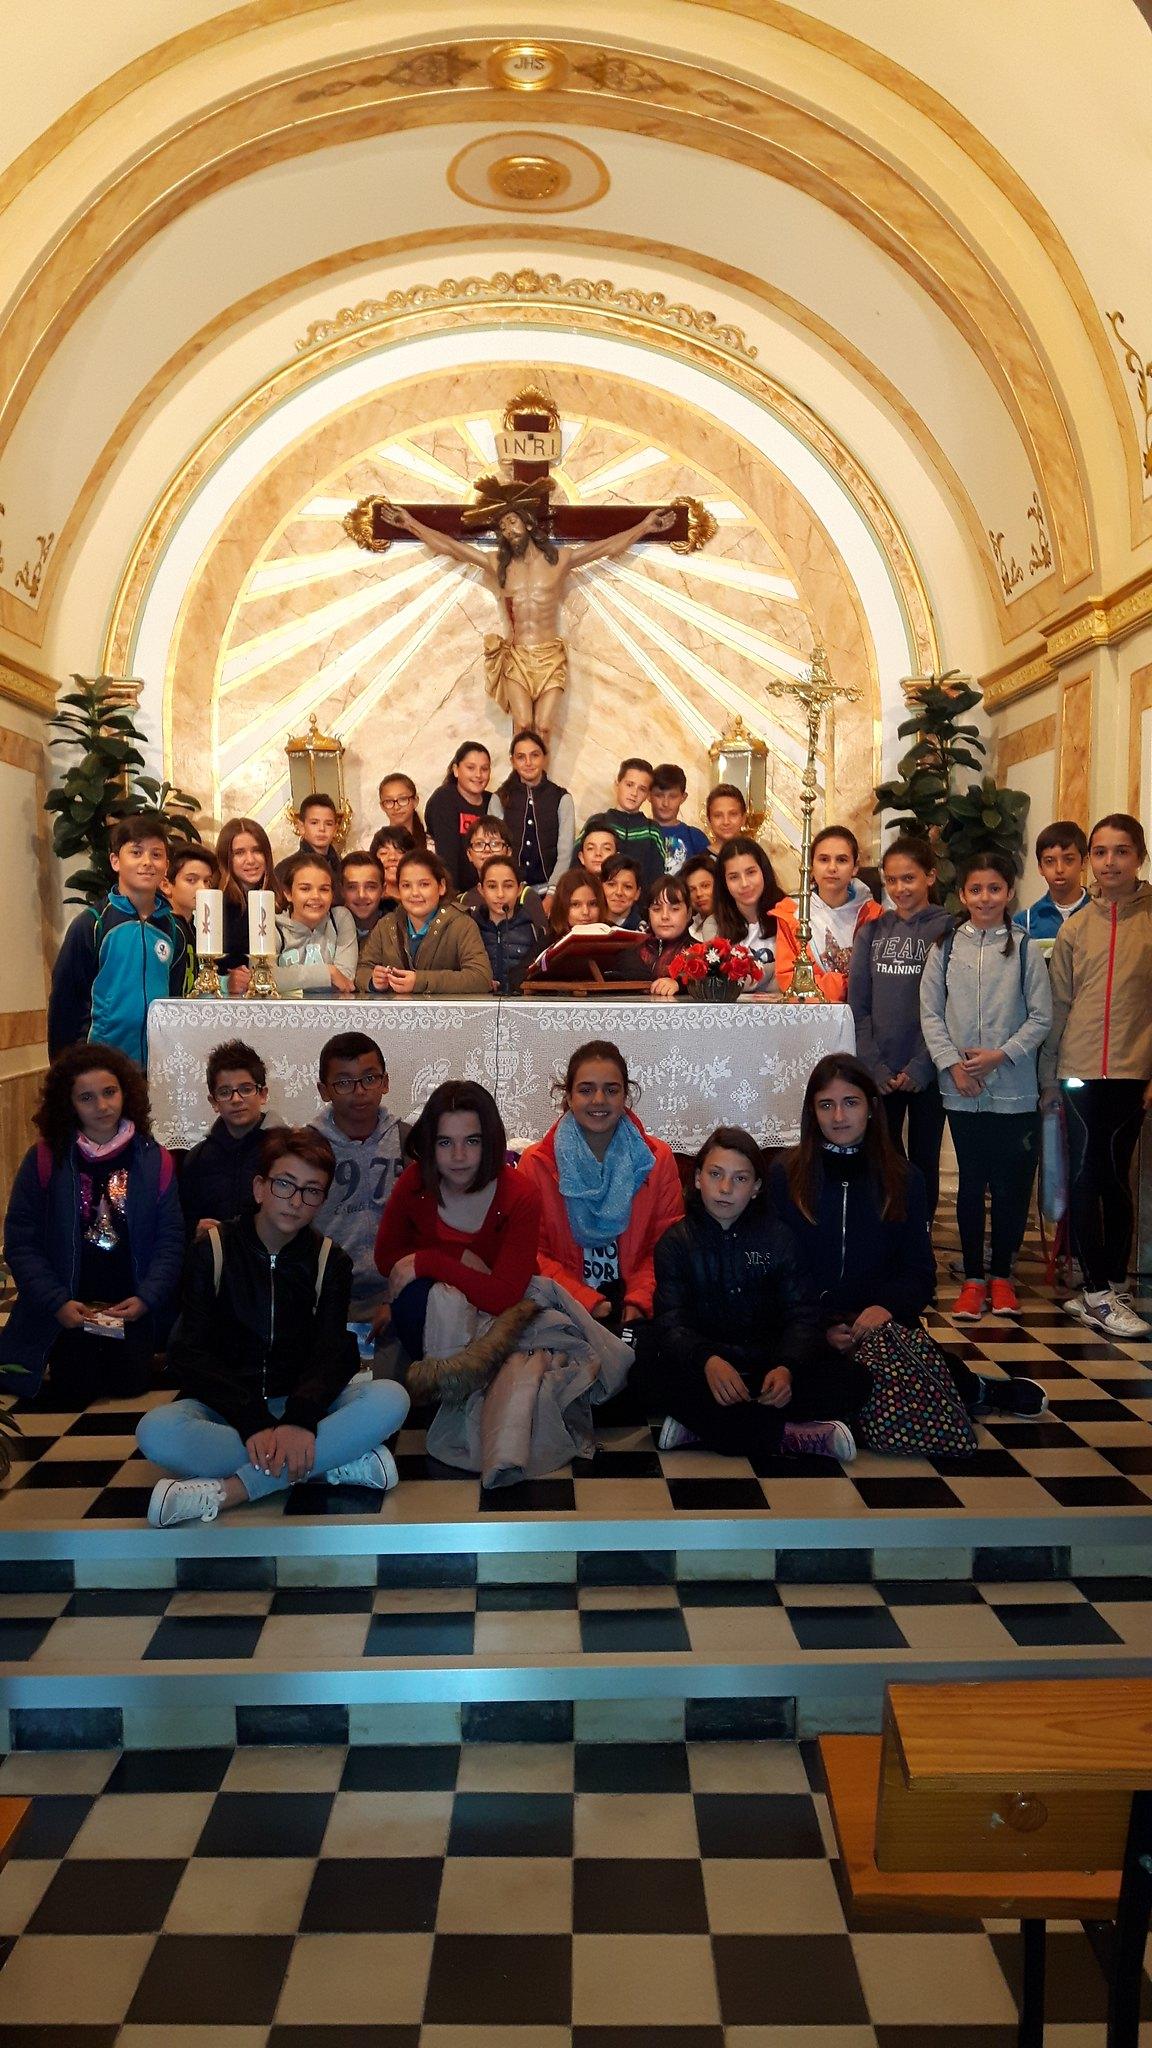 (2017-03-31) - Visita ermita alumnos Yolada-Pilar, Virrey Poveda-9 de Octubre - Maria Isabel Berenquer Brotons - (06)